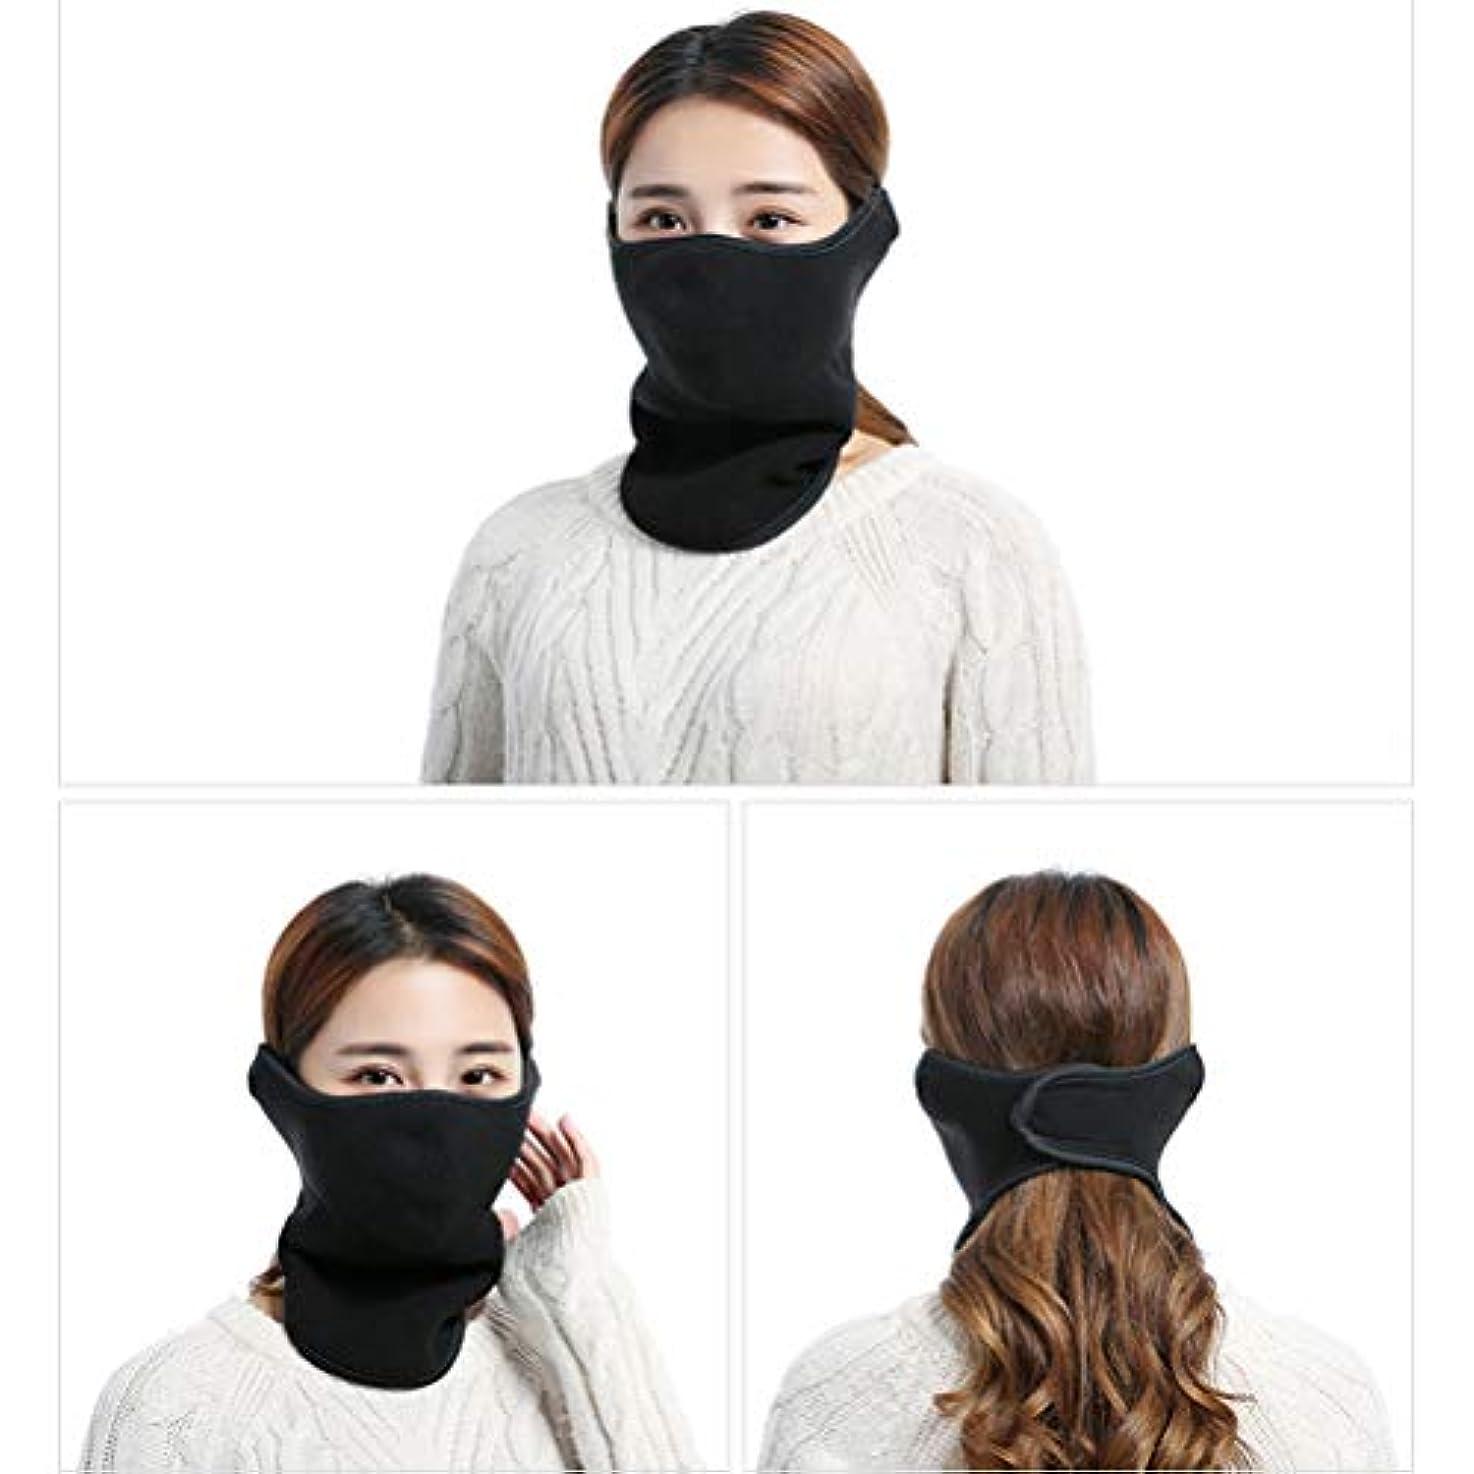 特派員補助裏切るKENANLAN 冬の暖かいマスク、ネックプロテクター乗馬マスク、屋外での乗馬、ハイキングなどのためのスリーインワン屋外コールドカラー